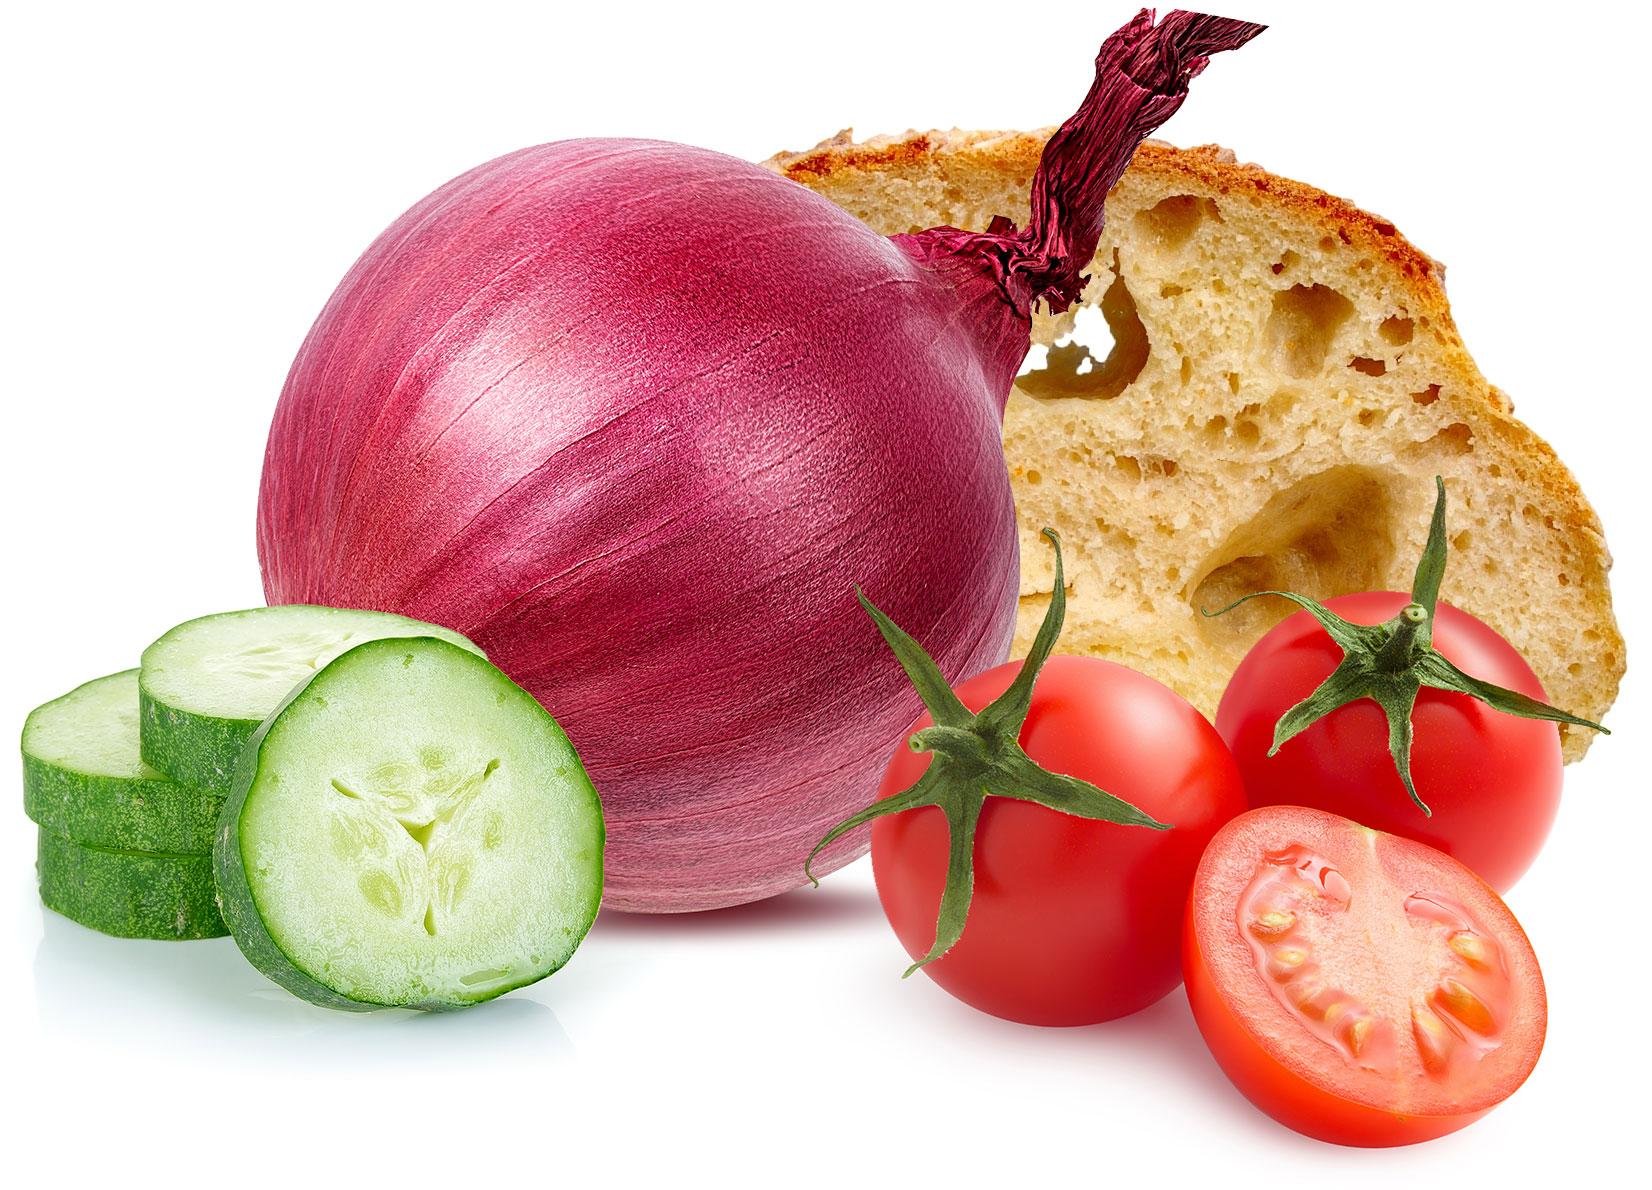 Food lunch idee ricette pane panzanella pomodori cipolla